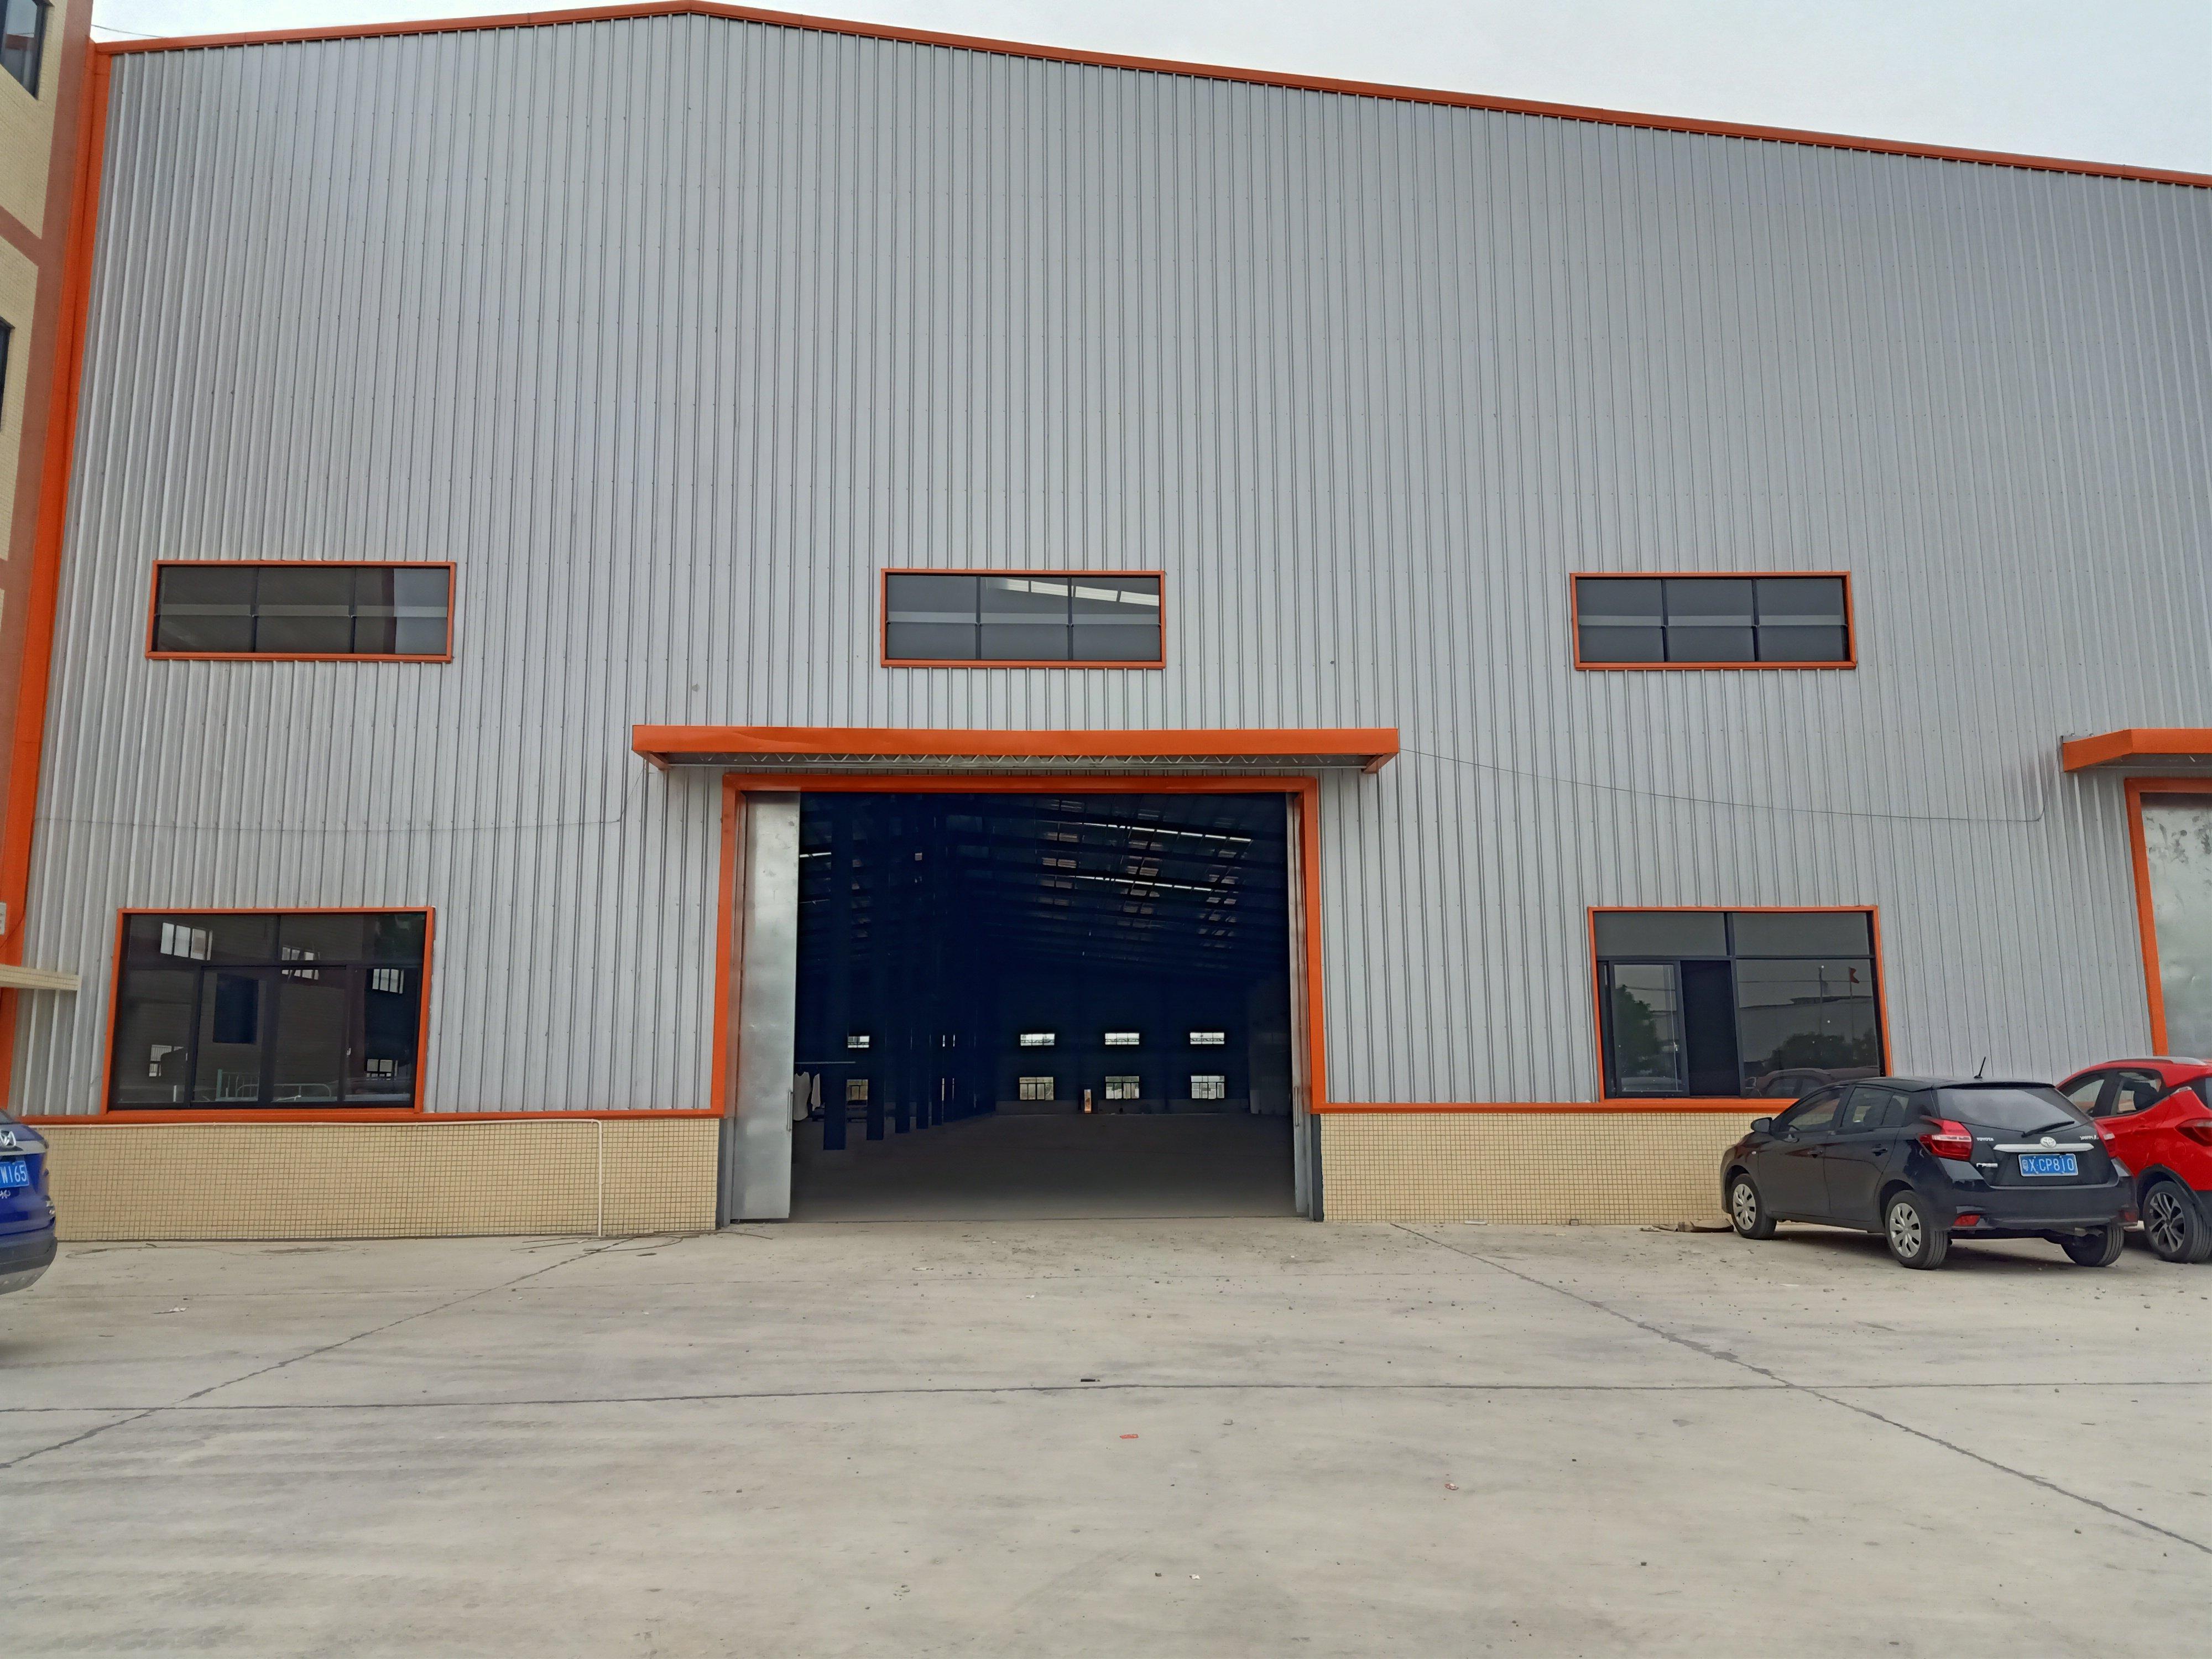 佛山狮山镇招大工业区水电齐全现成厂房出租面积共1800平